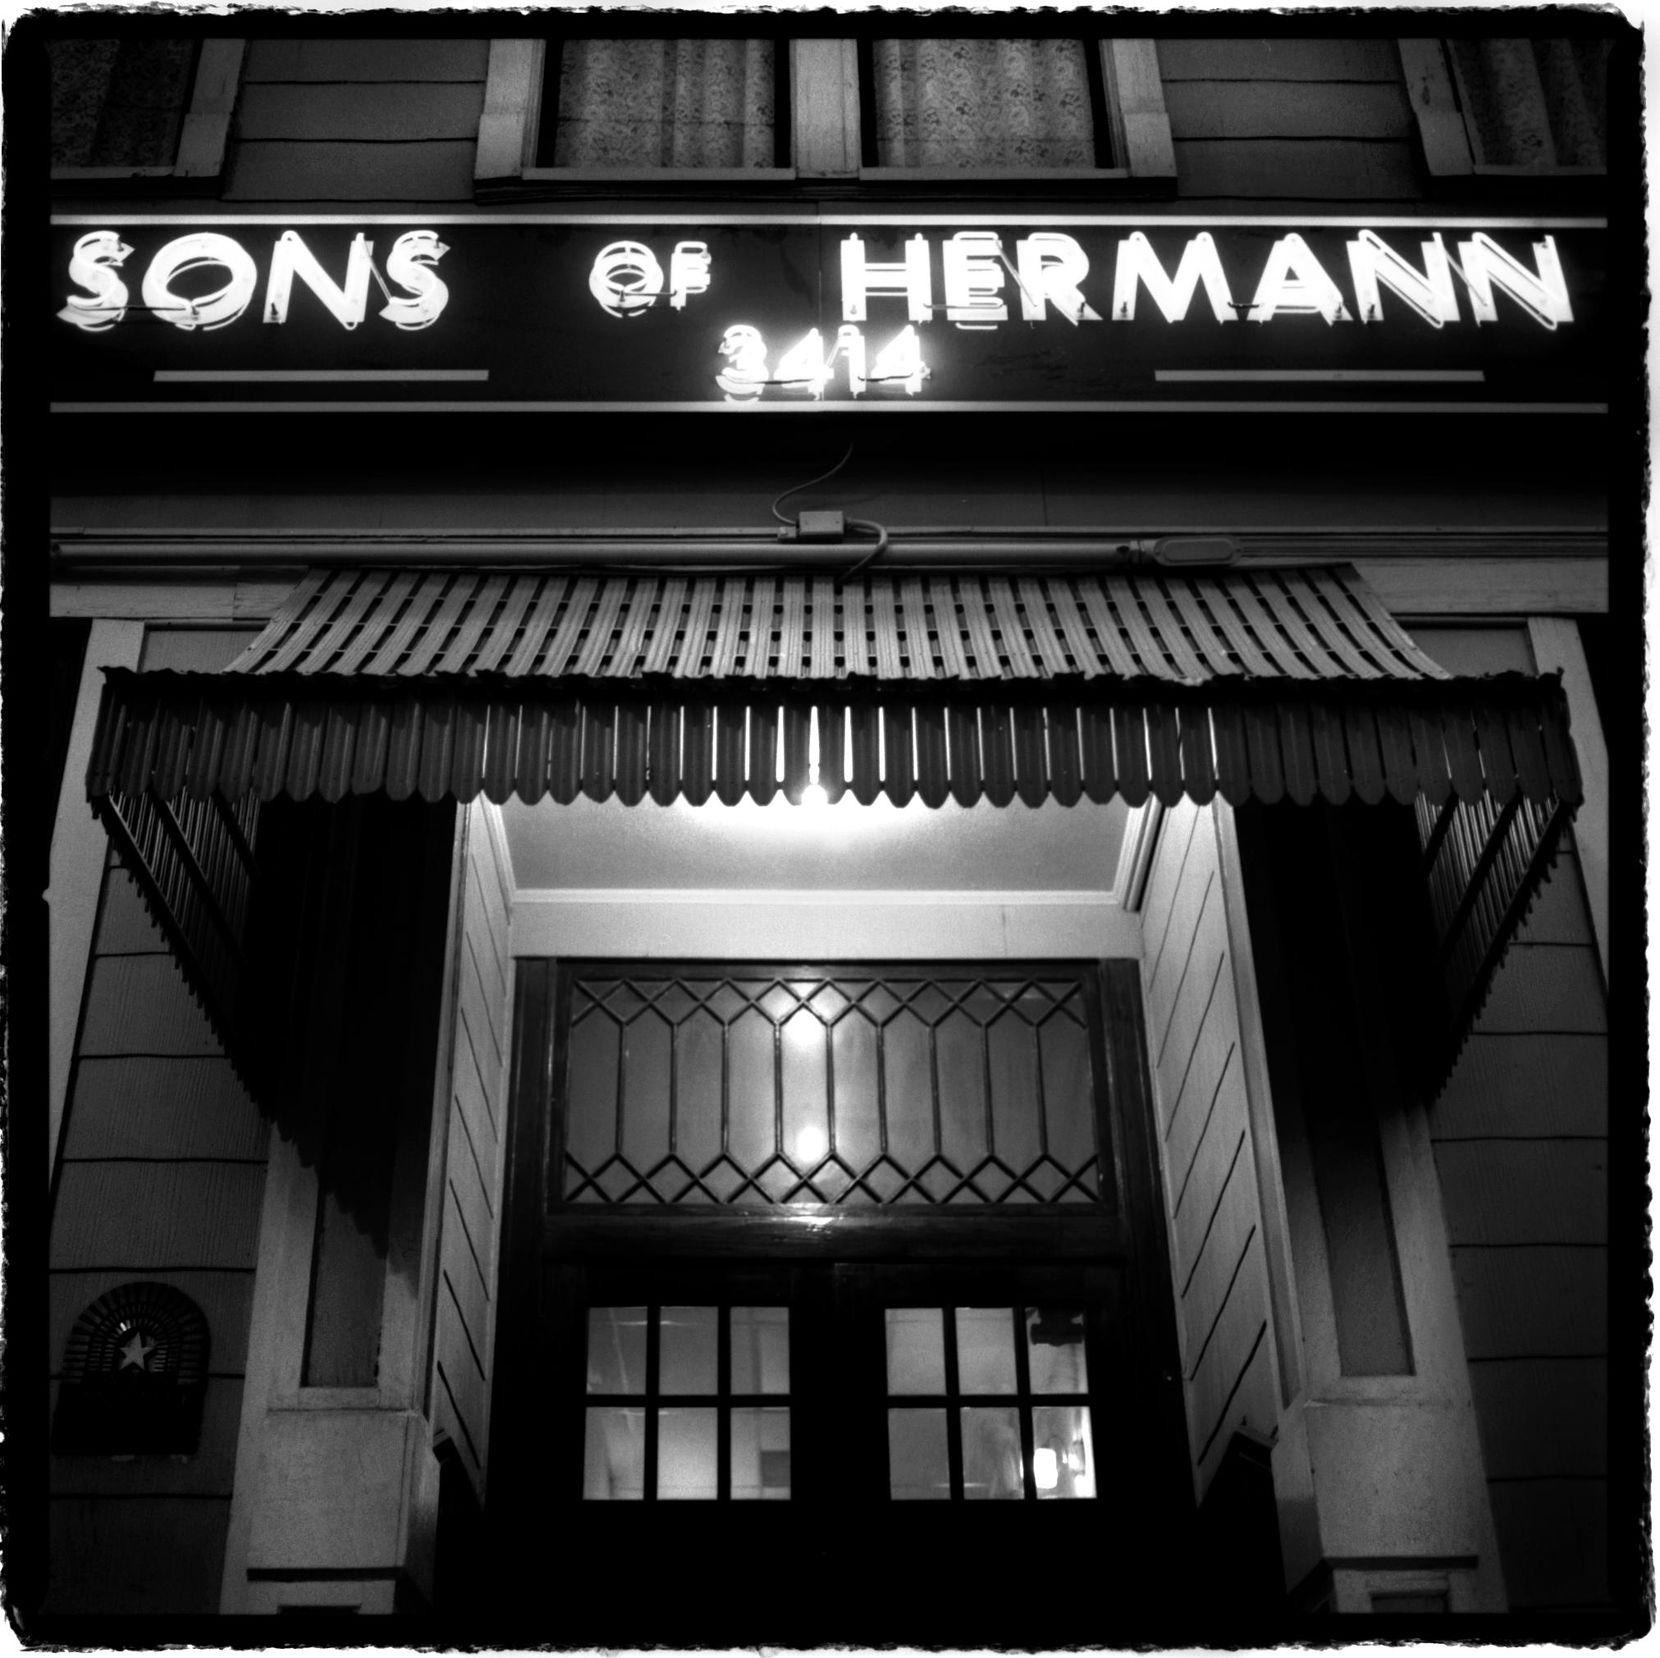 The Sons of Hermann Hal, un salón de baile en Elm Street, tiene reporte de una pareja de baile que luego desaparece